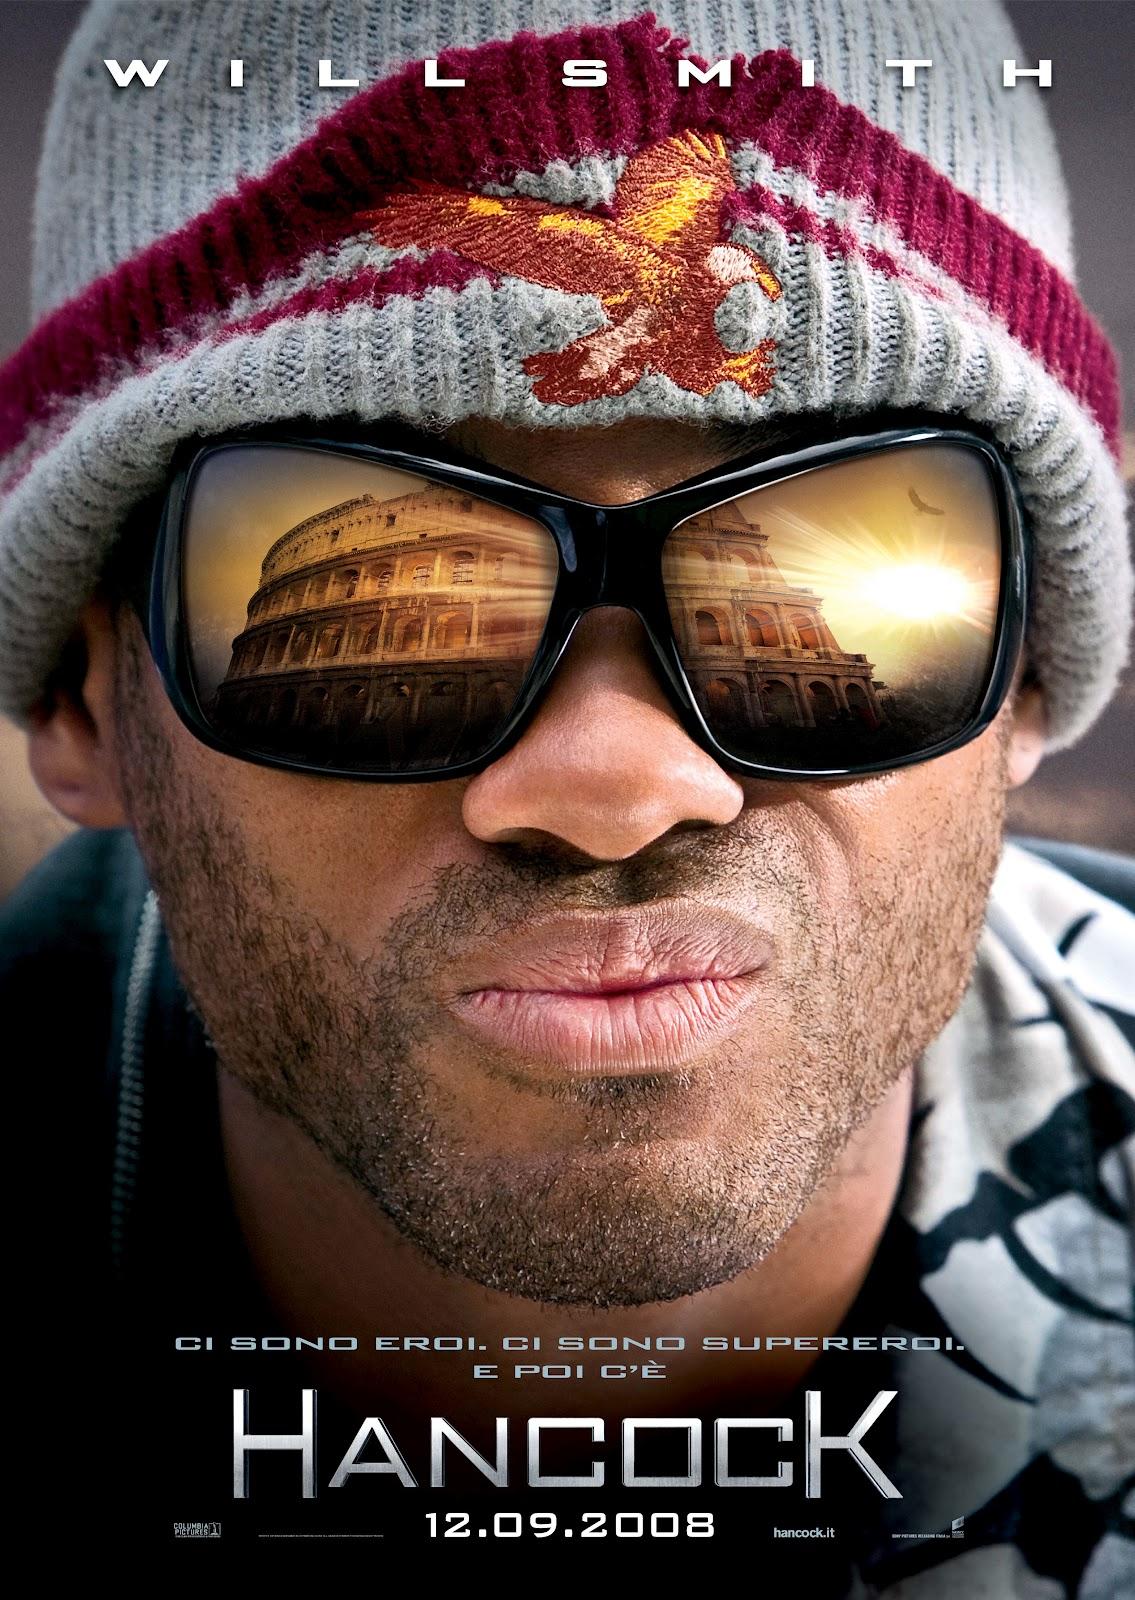 http://1.bp.blogspot.com/-oBVYIJZHMc8/T4X6kTRHDeI/AAAAAAAABlU/Ya0Tpl2m8yM/s1600/Hancock-Poster-Italiano.jpg